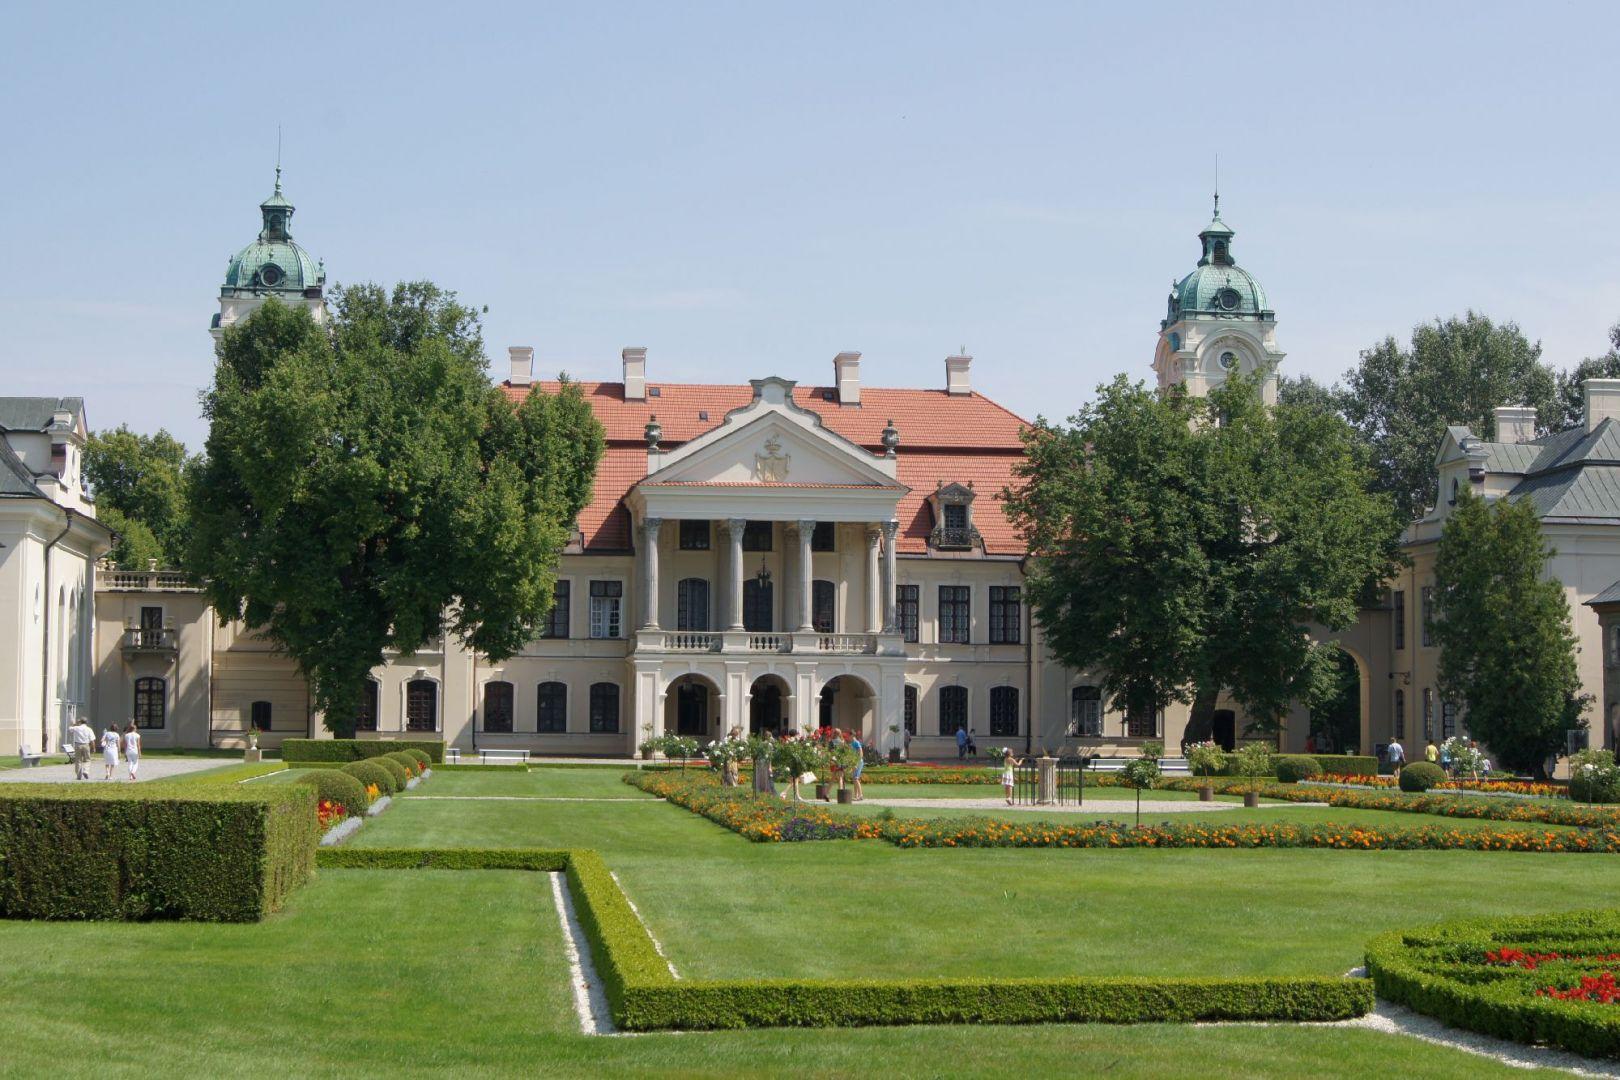 Muzeum i zespół pałacowo-parkowy Zamoyskich w Kozłówce